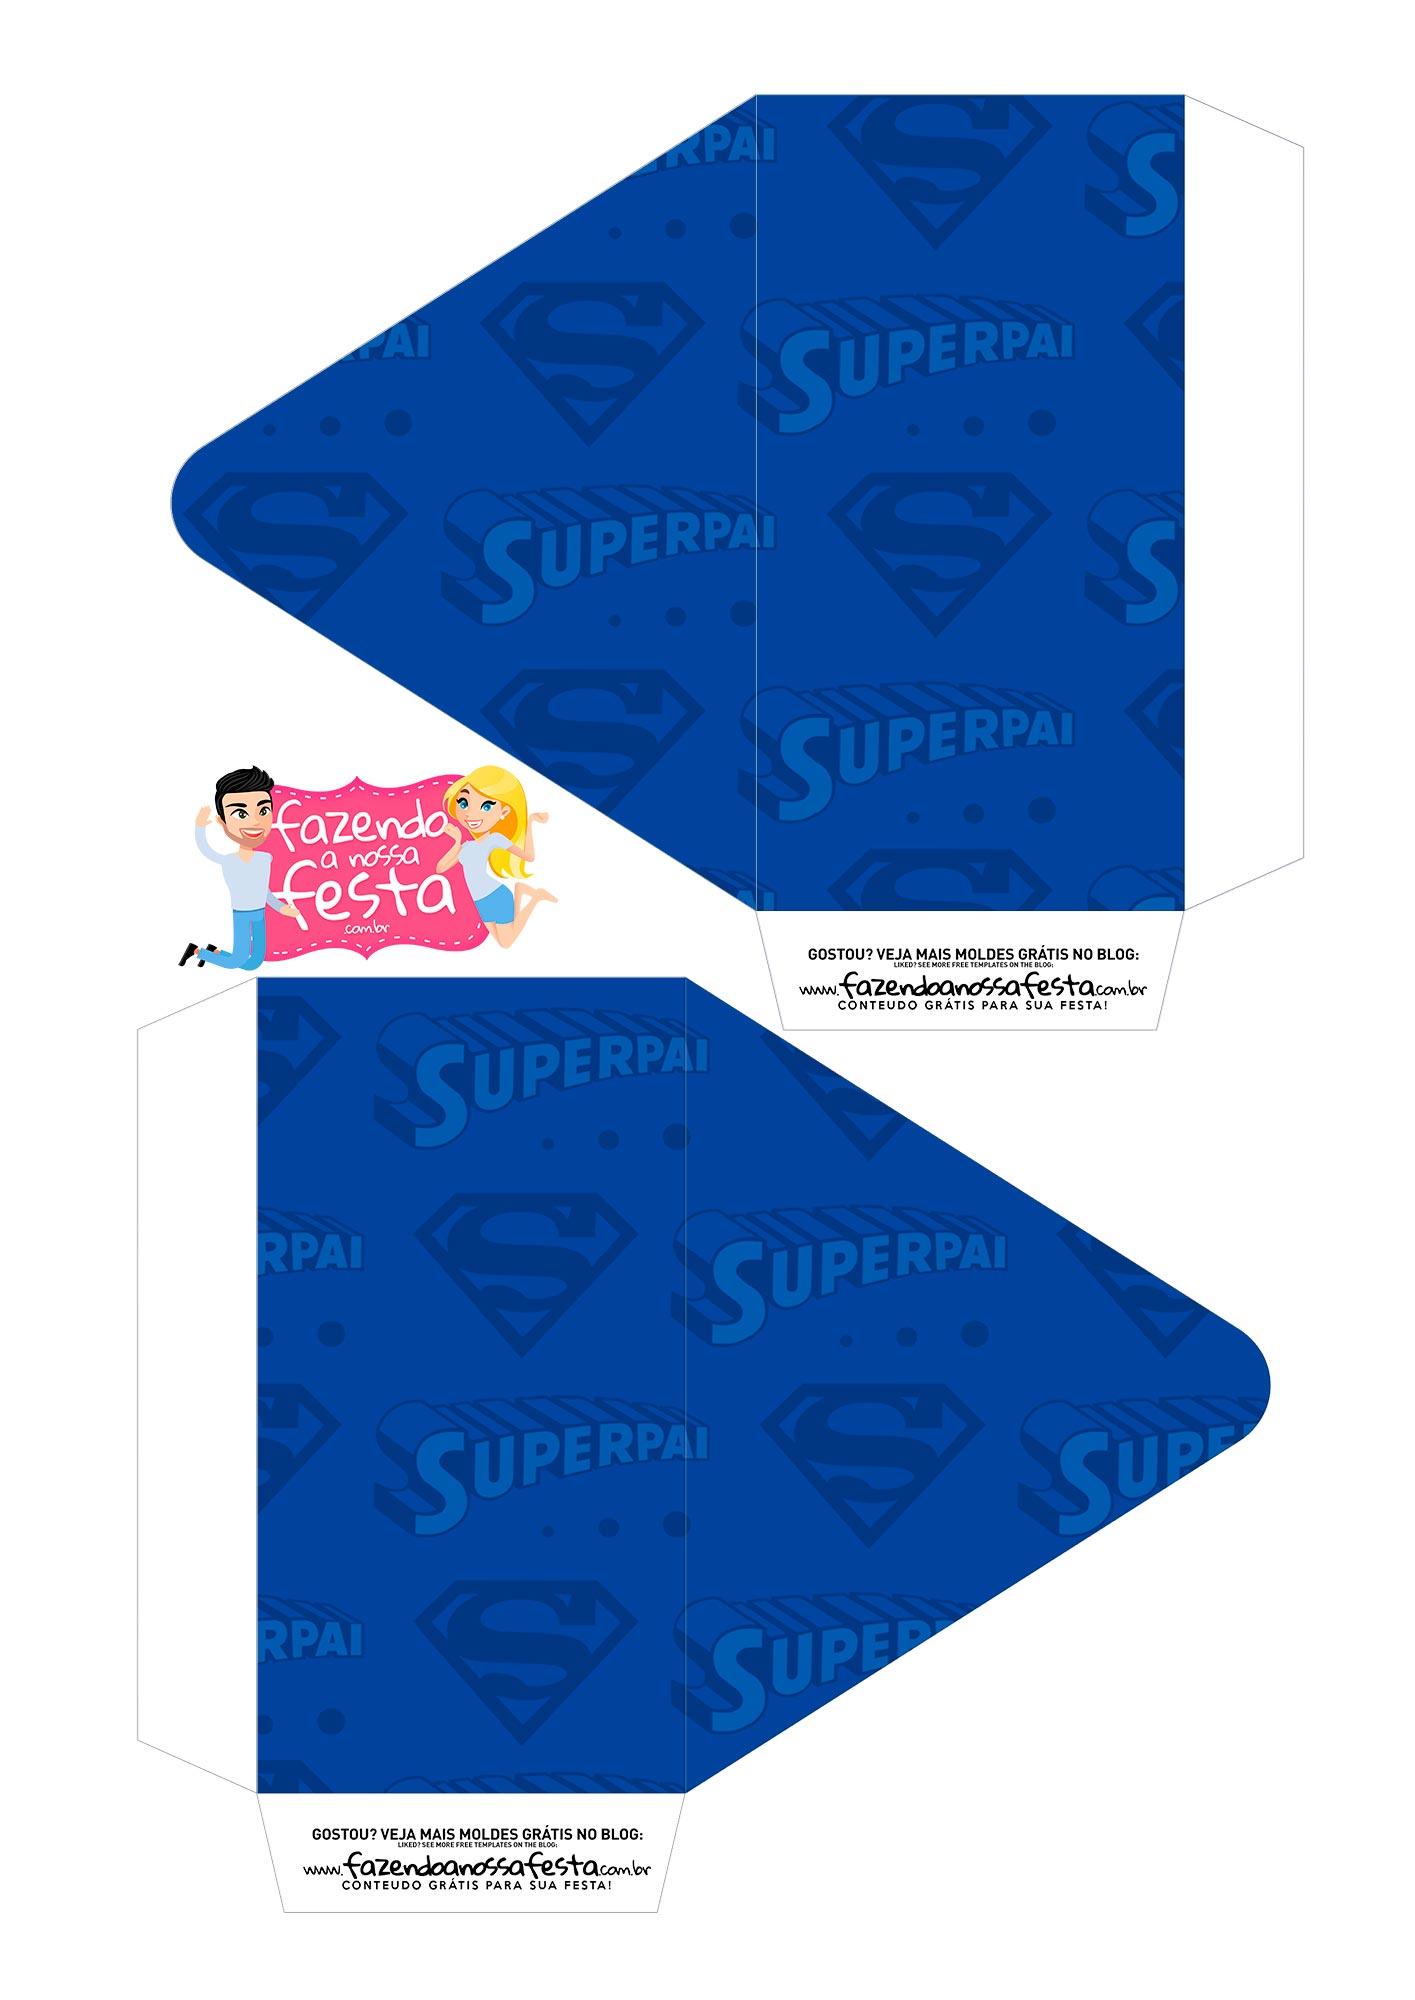 Caixa Envelope Dia dos Pais Super Pai 1